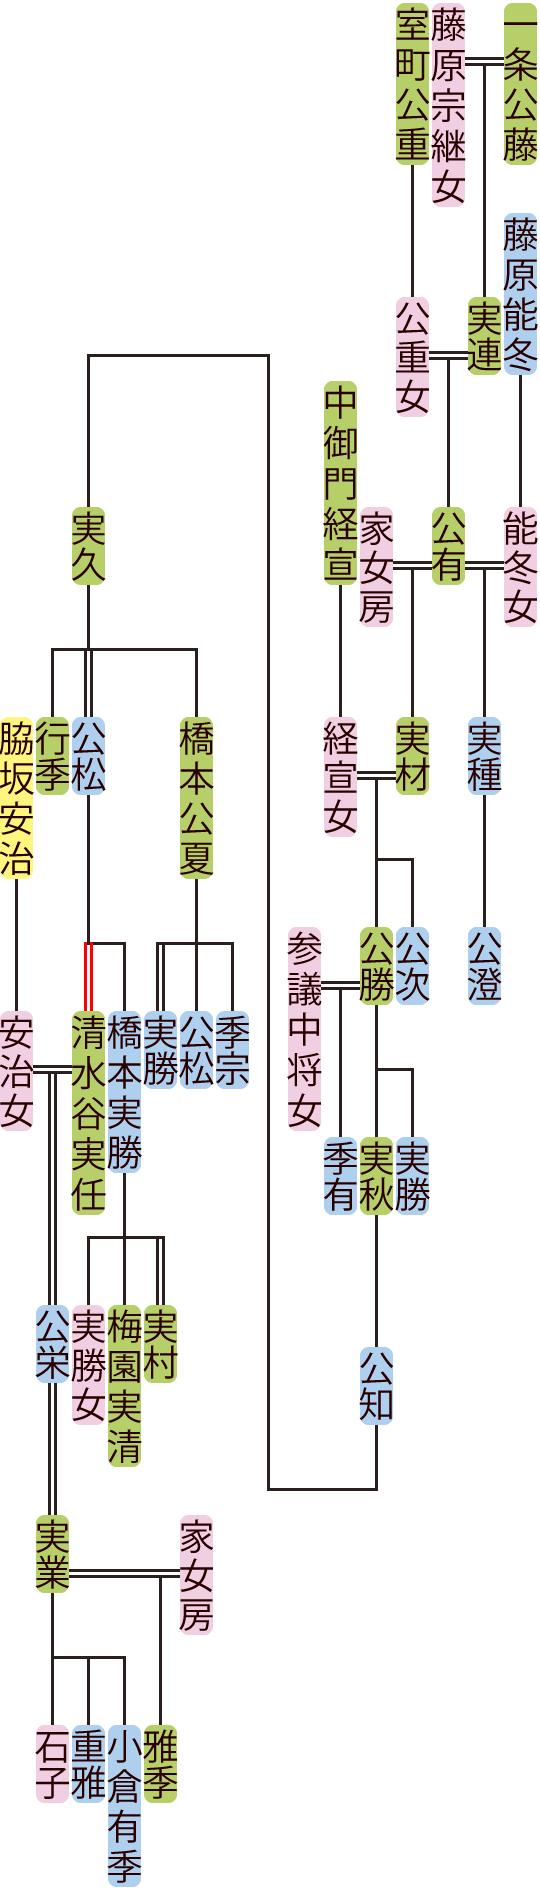 一条公有~清水谷公栄の系図